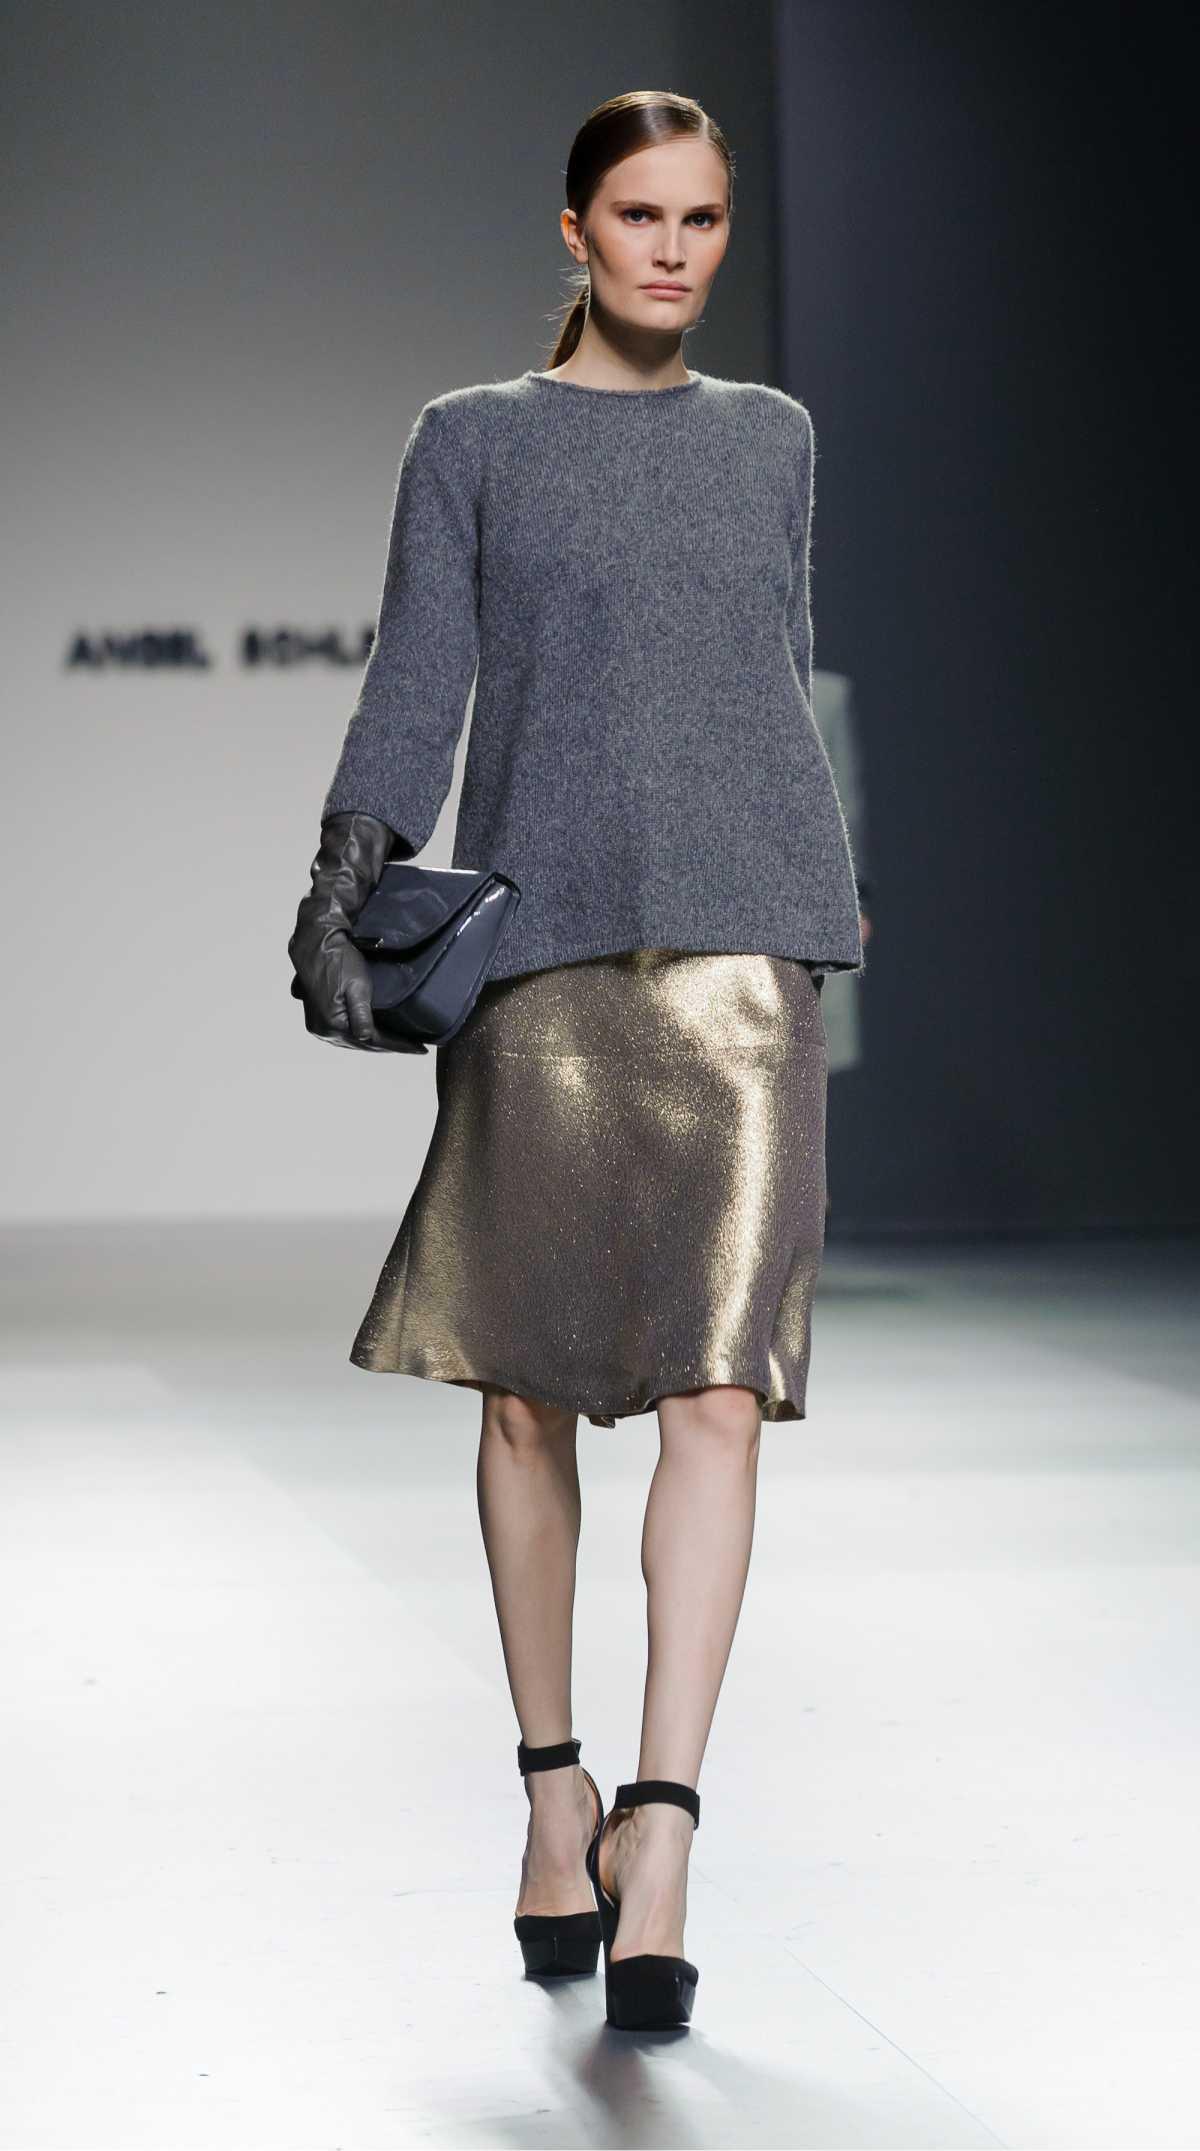 blusa de moletom com saia dourada